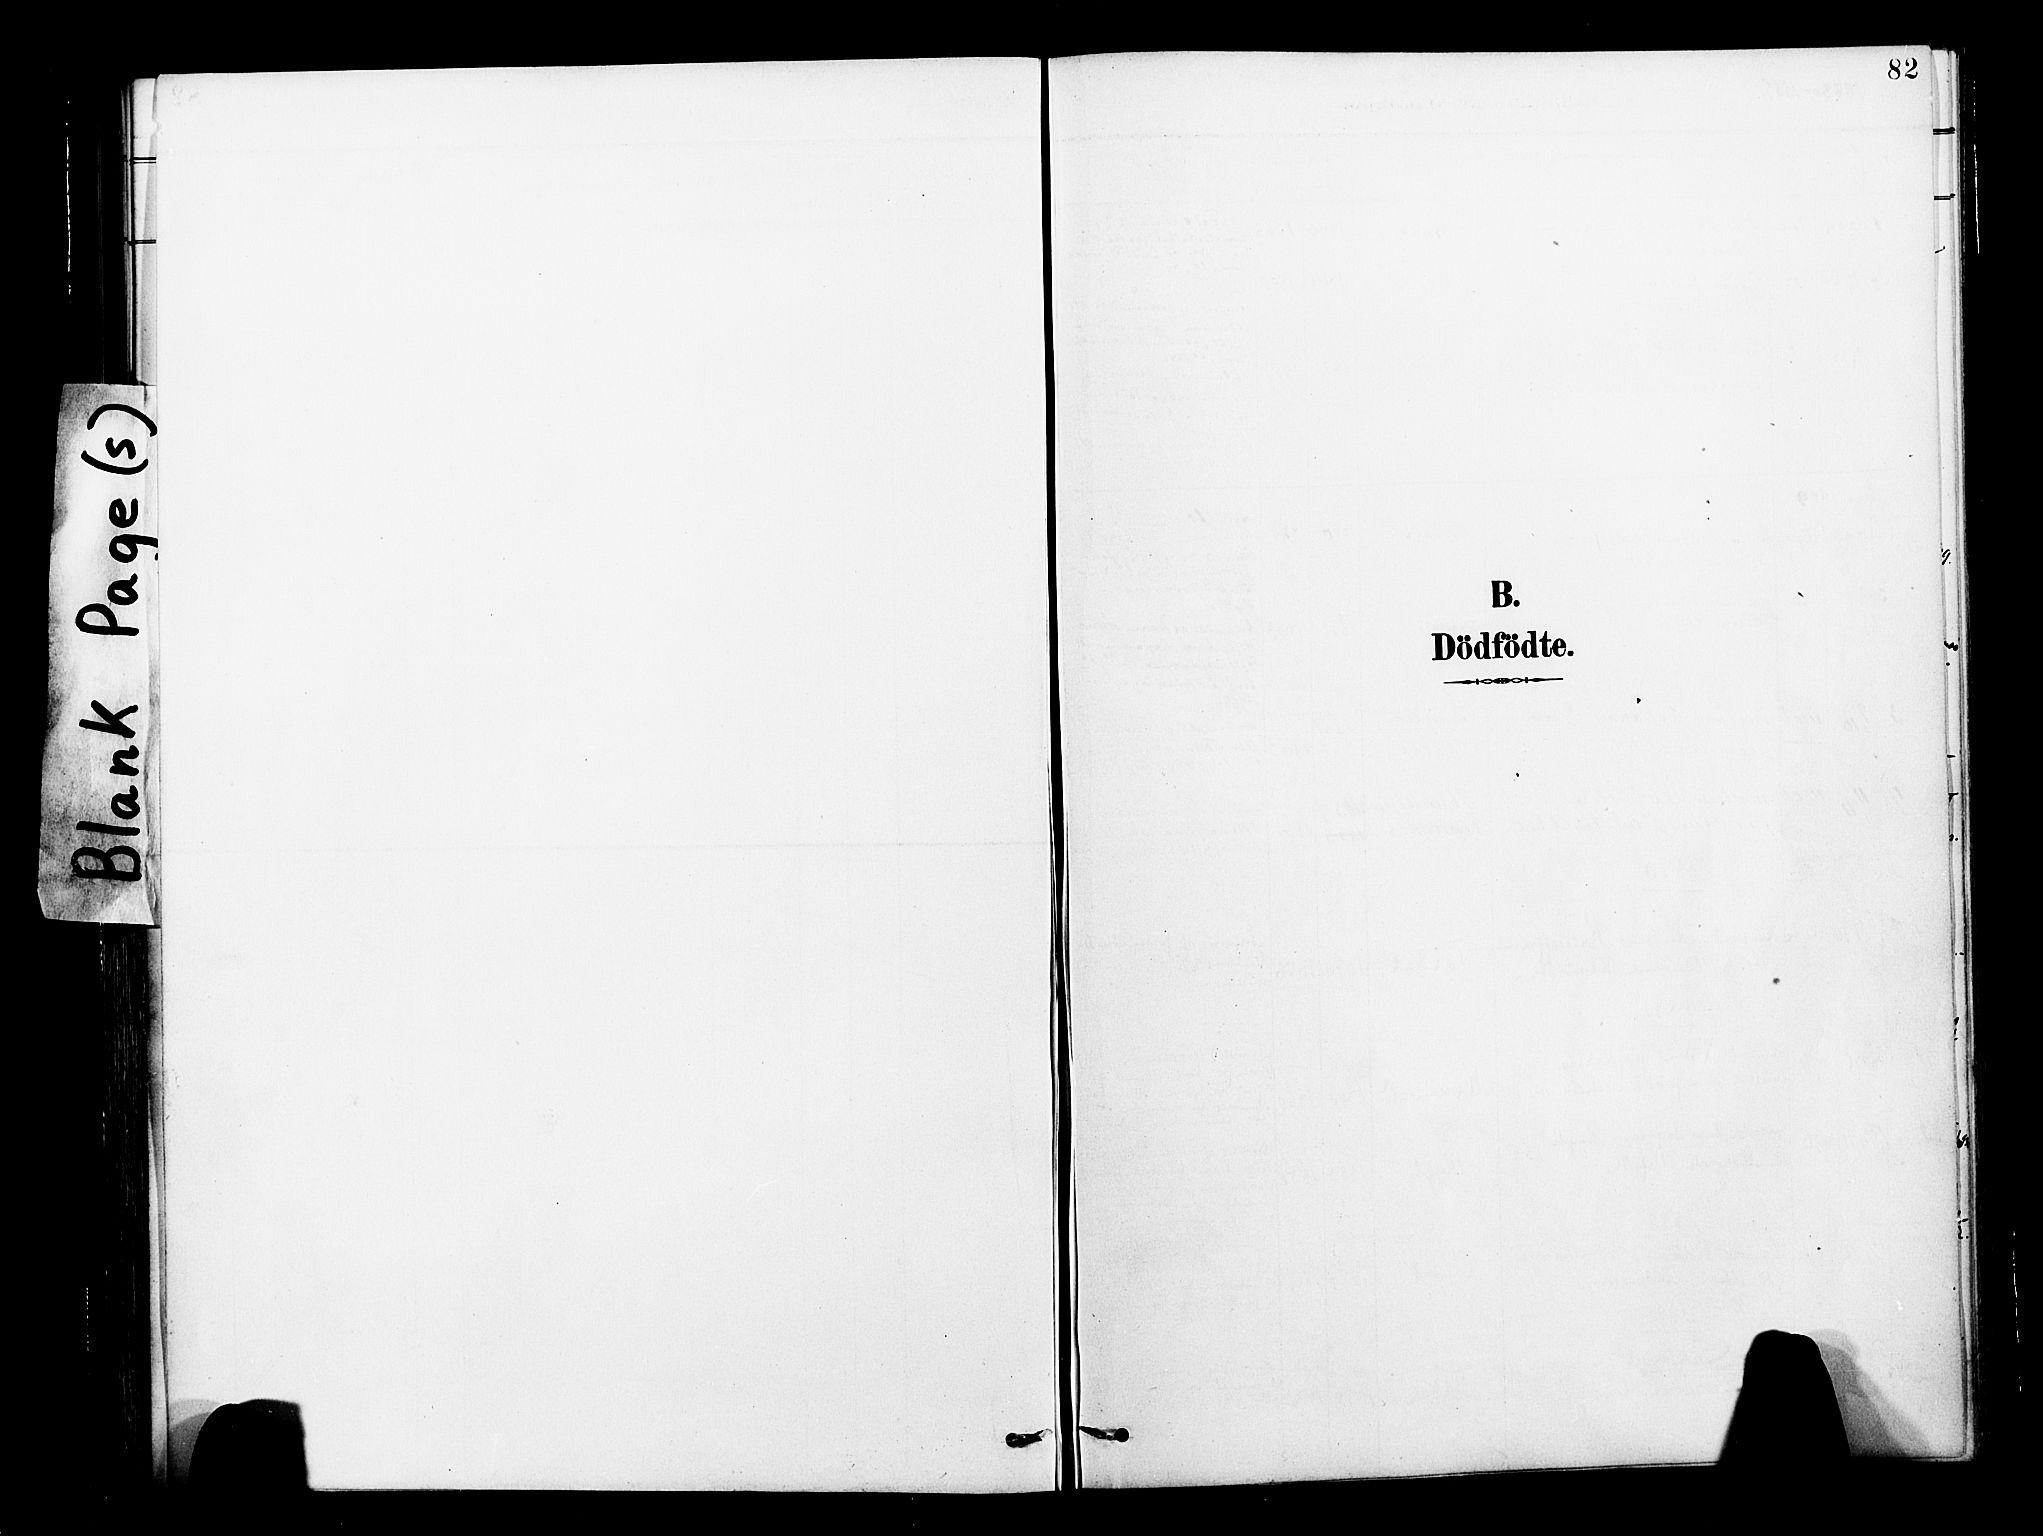 SAT, Ministerialprotokoller, klokkerbøker og fødselsregistre - Nord-Trøndelag, 713/L0121: Ministerialbok nr. 713A10, 1888-1898, s. 82